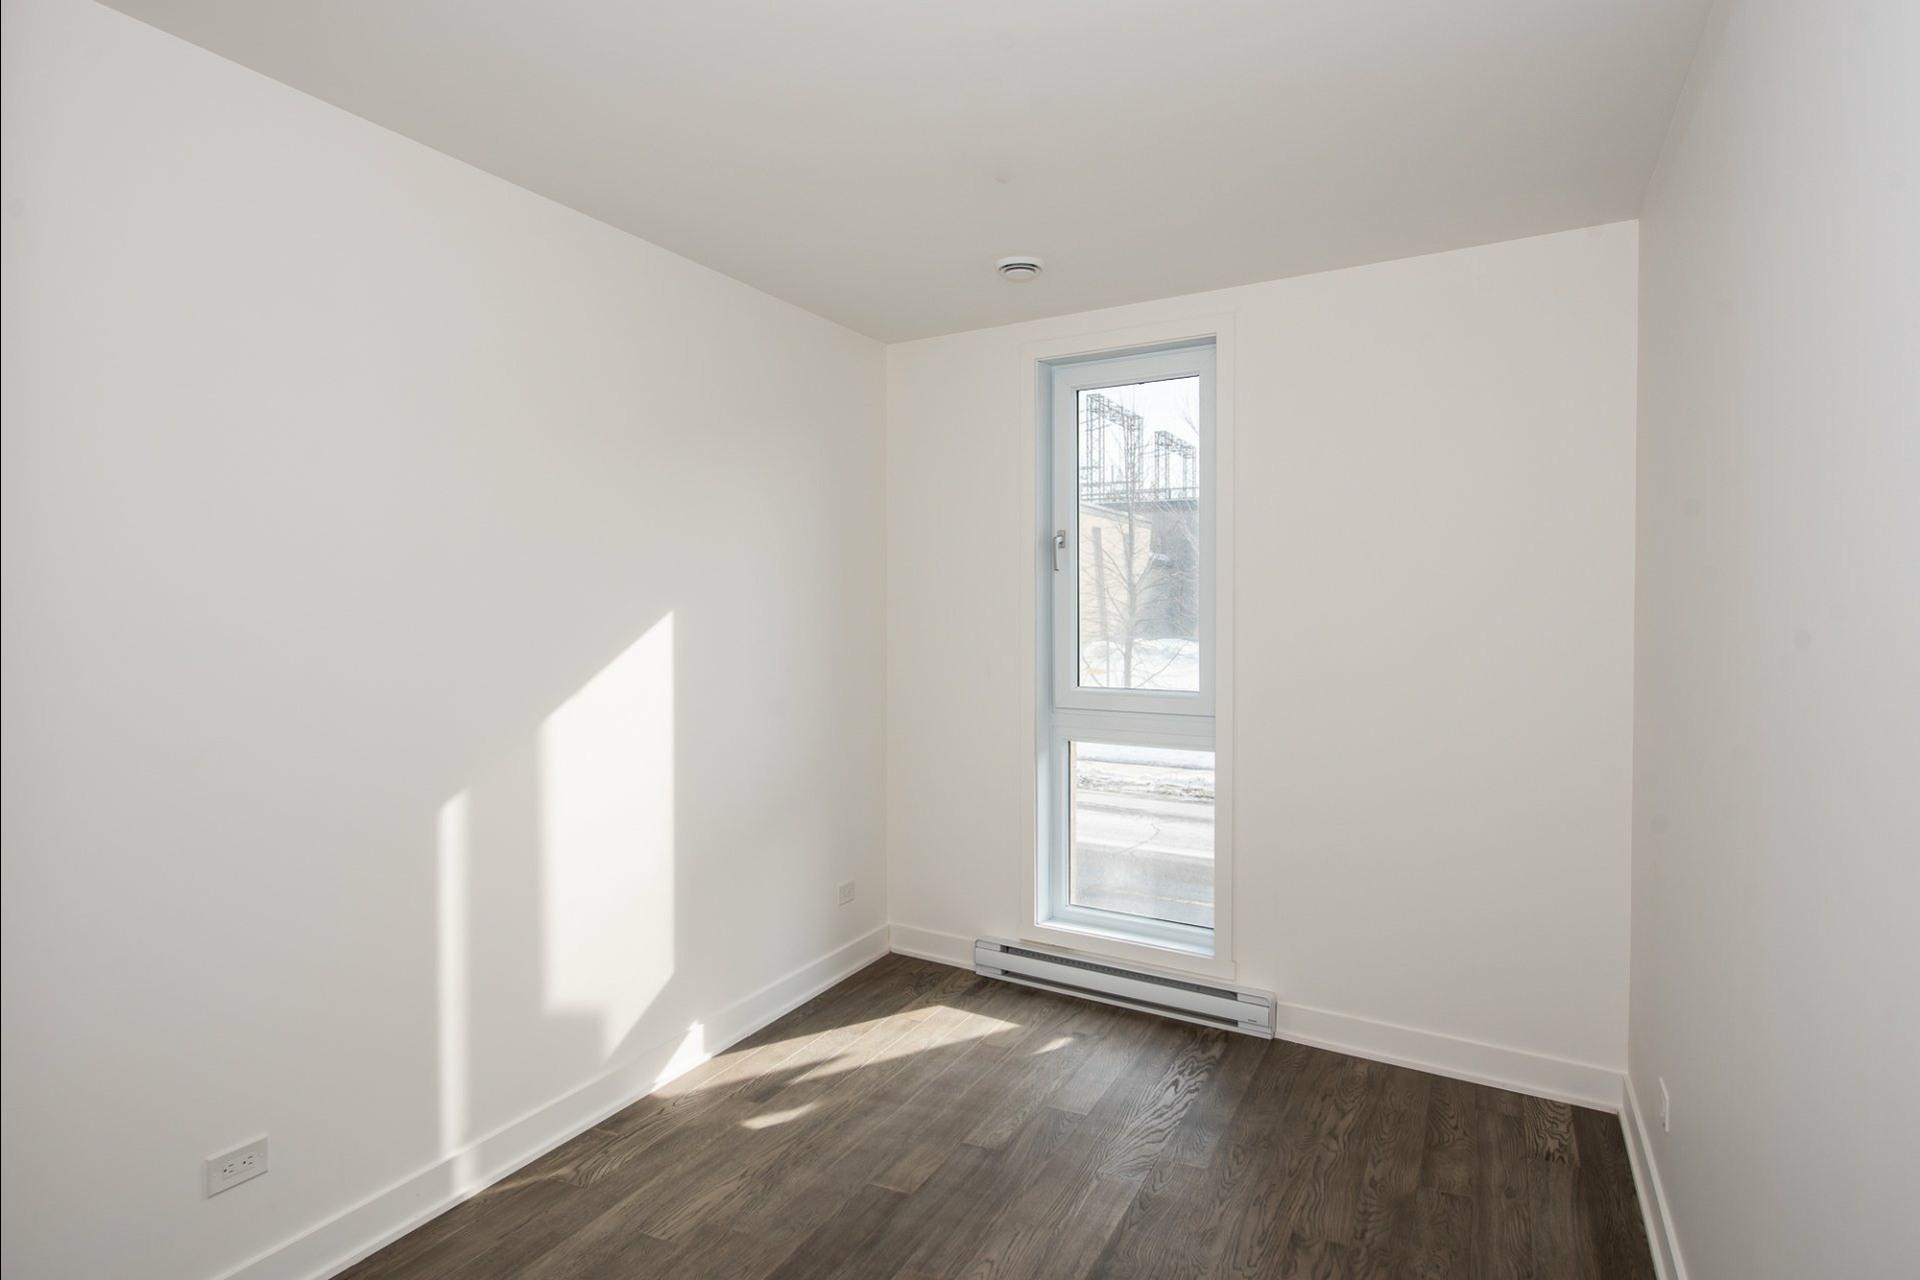 image 14 - Appartement À louer Villeray/Saint-Michel/Parc-Extension Montréal  - 5 pièces